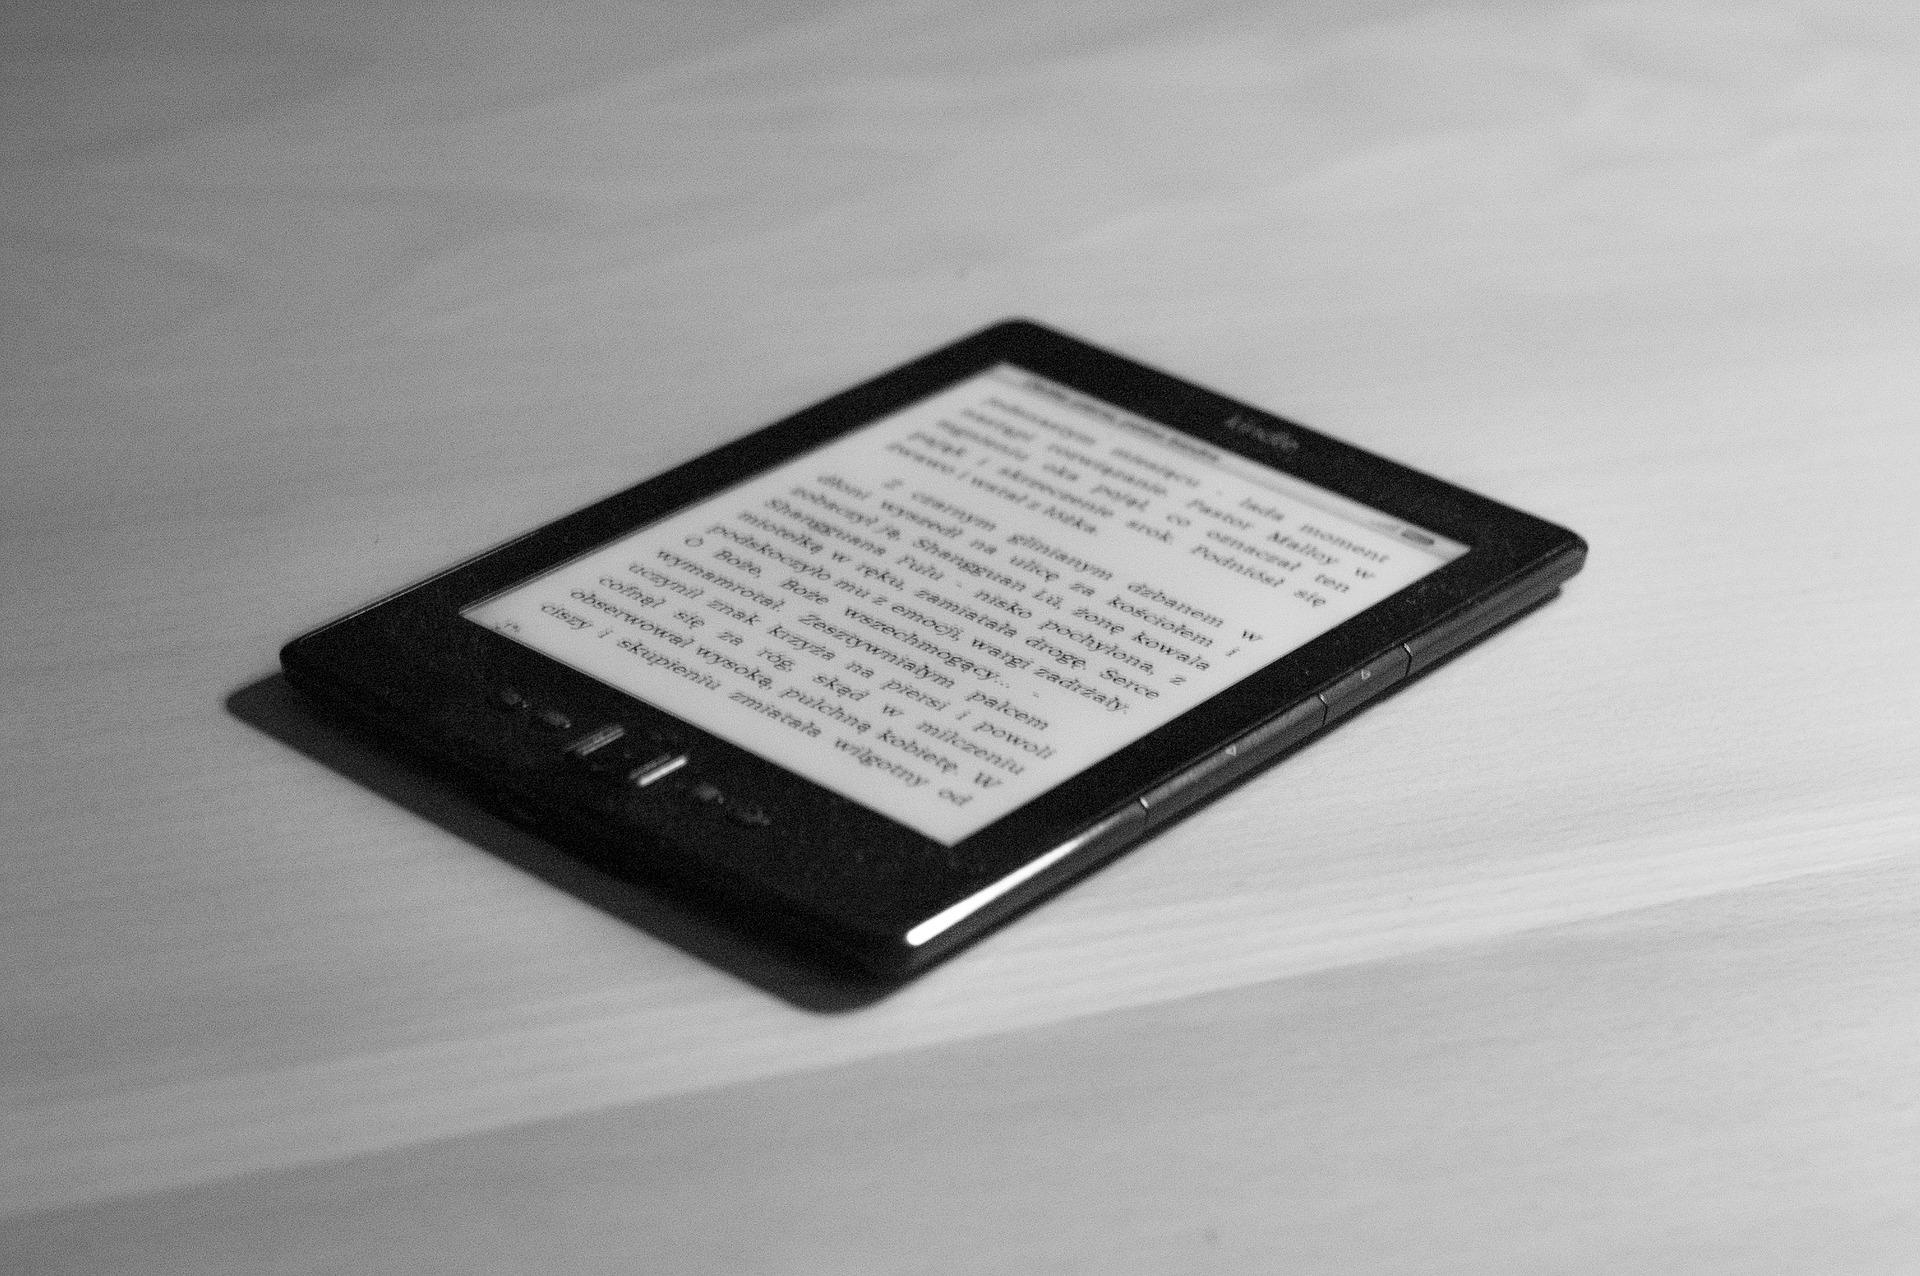 Plataforma Para Vender E-books